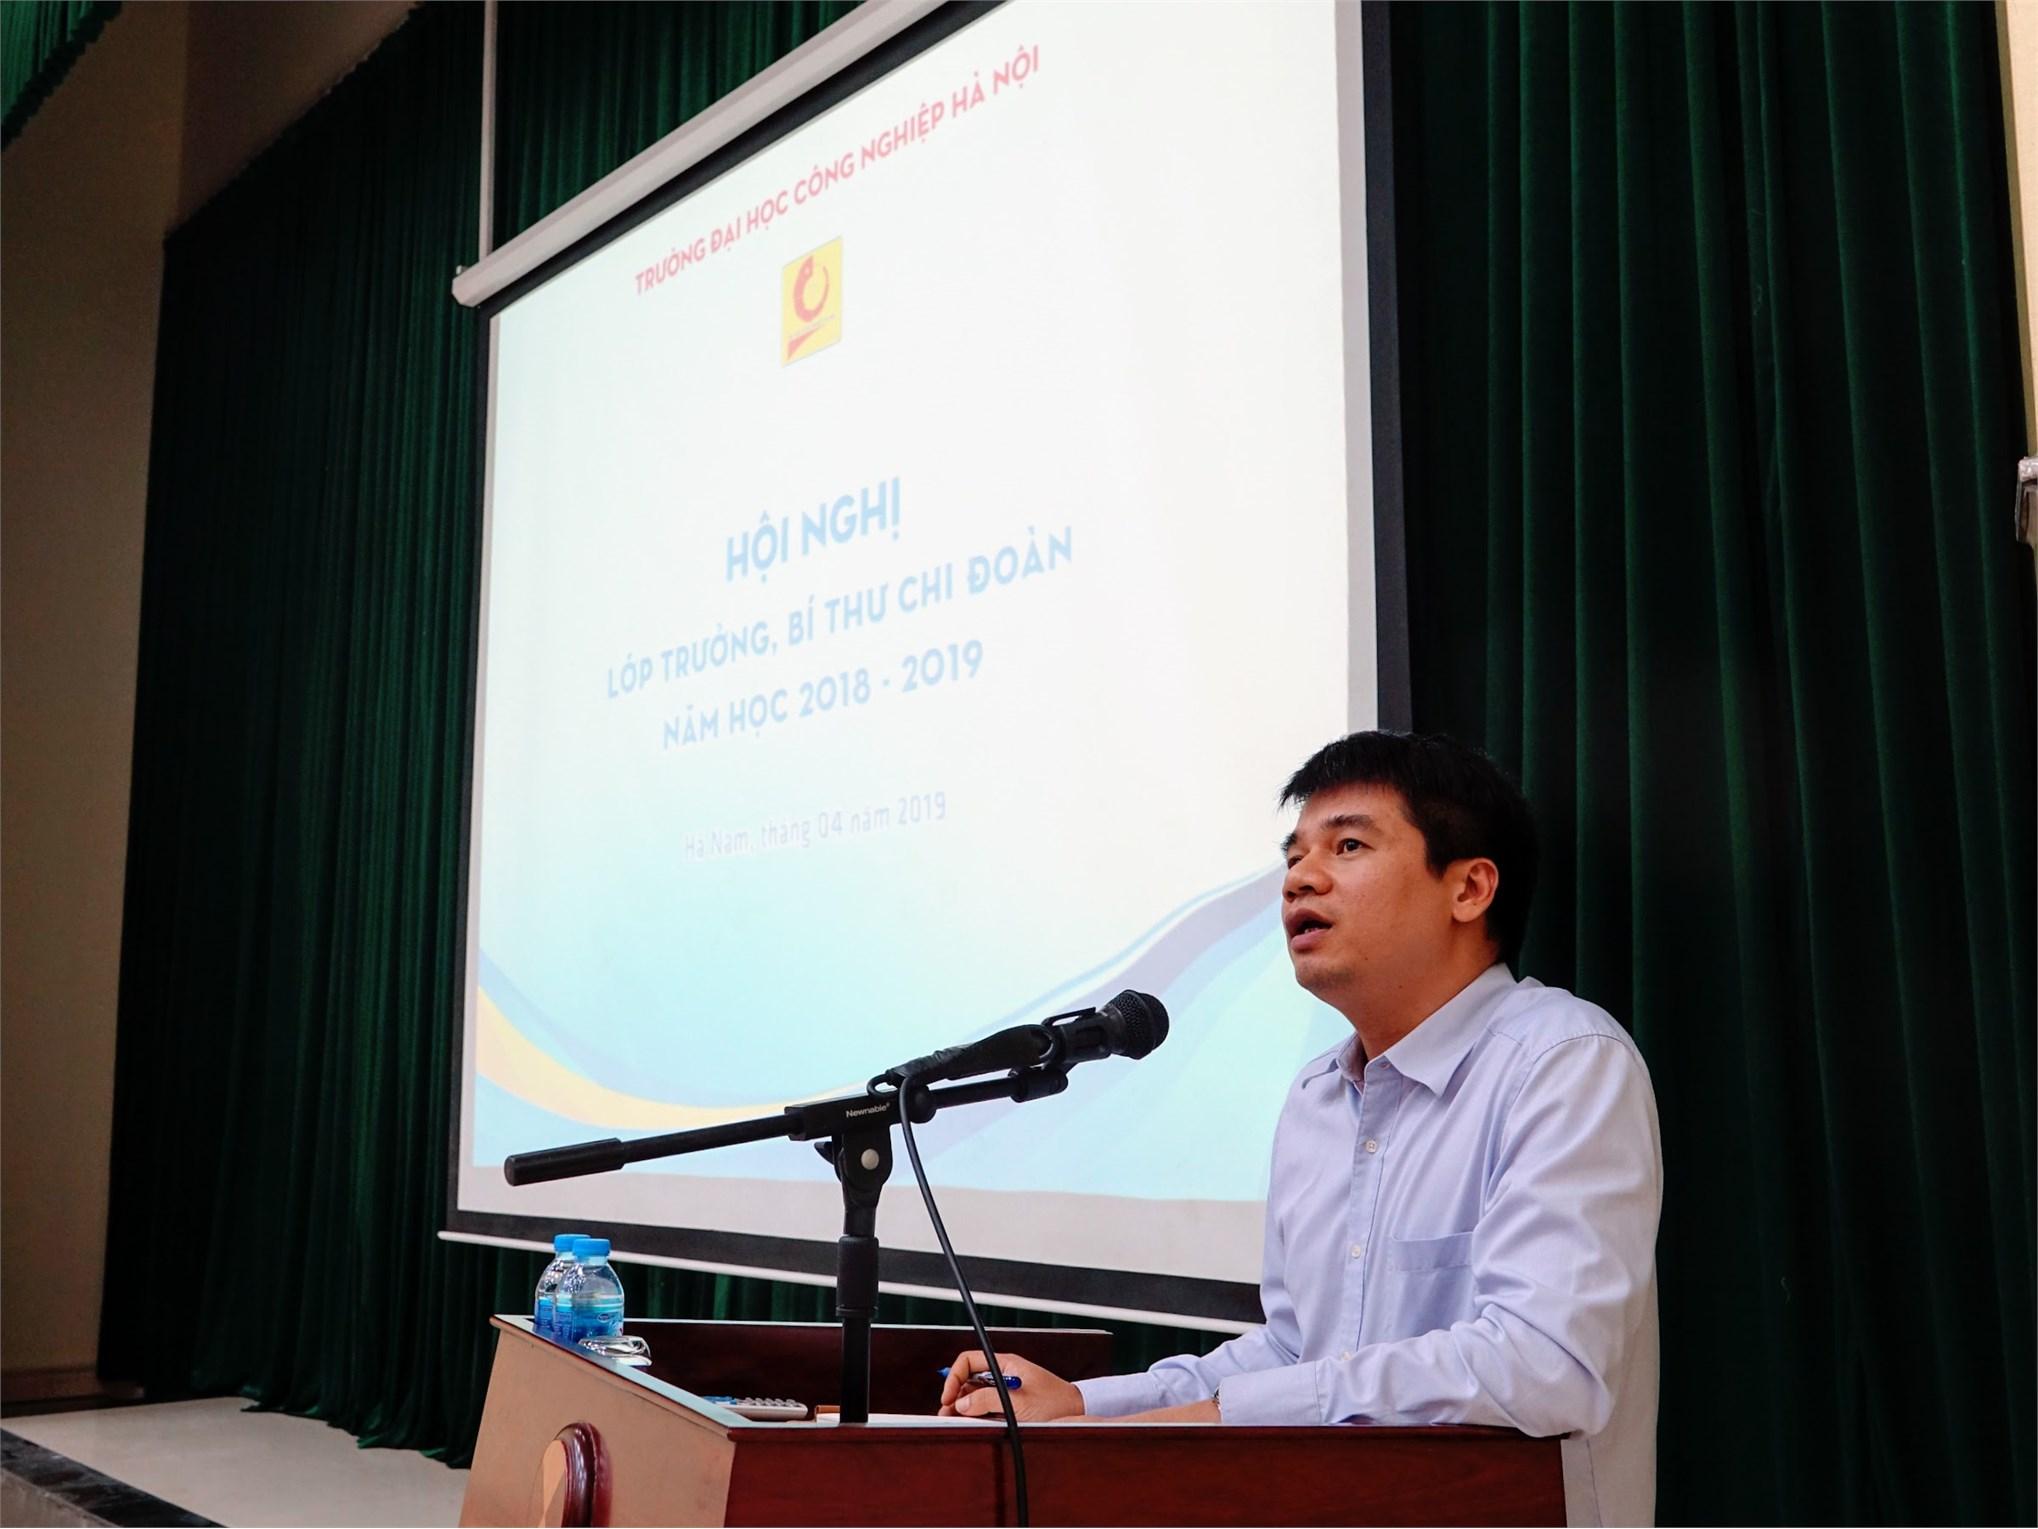 Hội nghị Lớp trưởng, Bí thư Chi đoàn tại Cơ sở đào tạo Hà Nam: lắng nghe và giải đáp trên 40 ý kiến của sinh viên